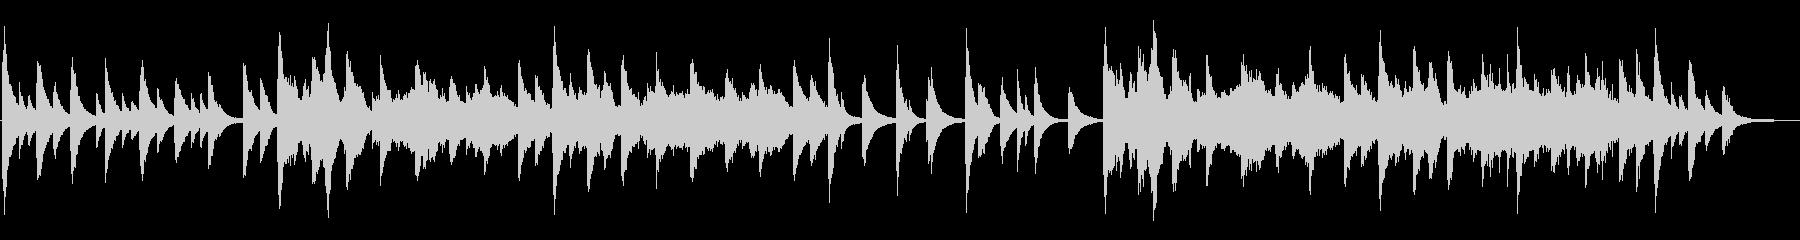 幻想的なピアノ4重奏の未再生の波形